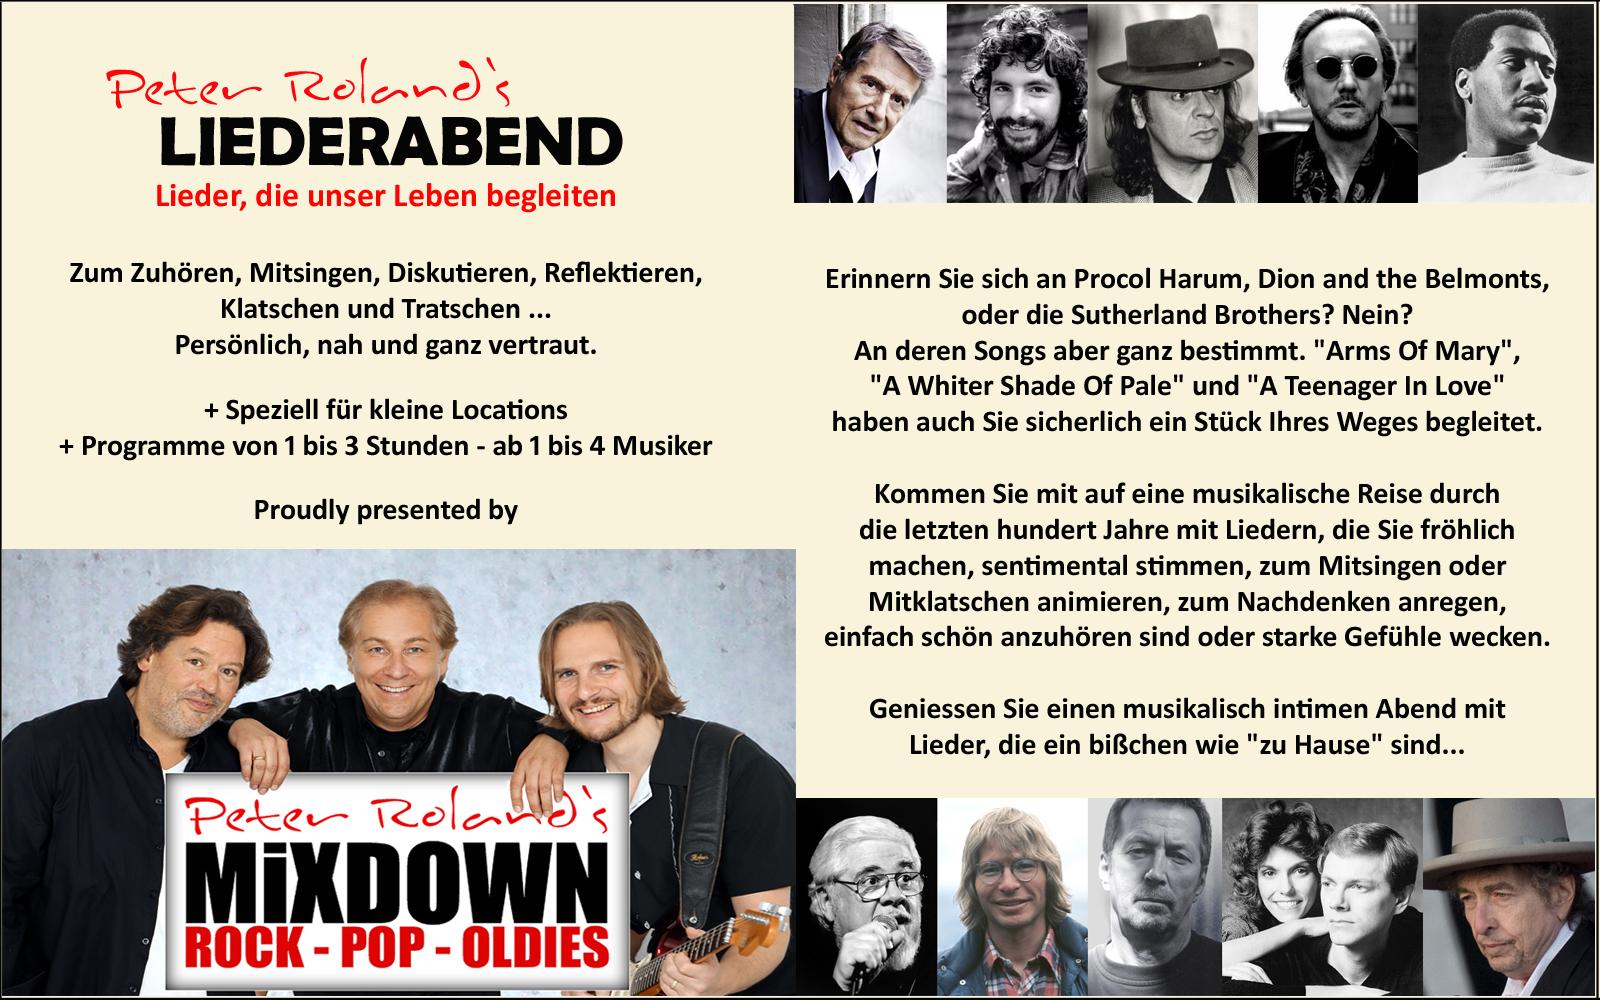 Liederabend Peter Roland`s Mixdown